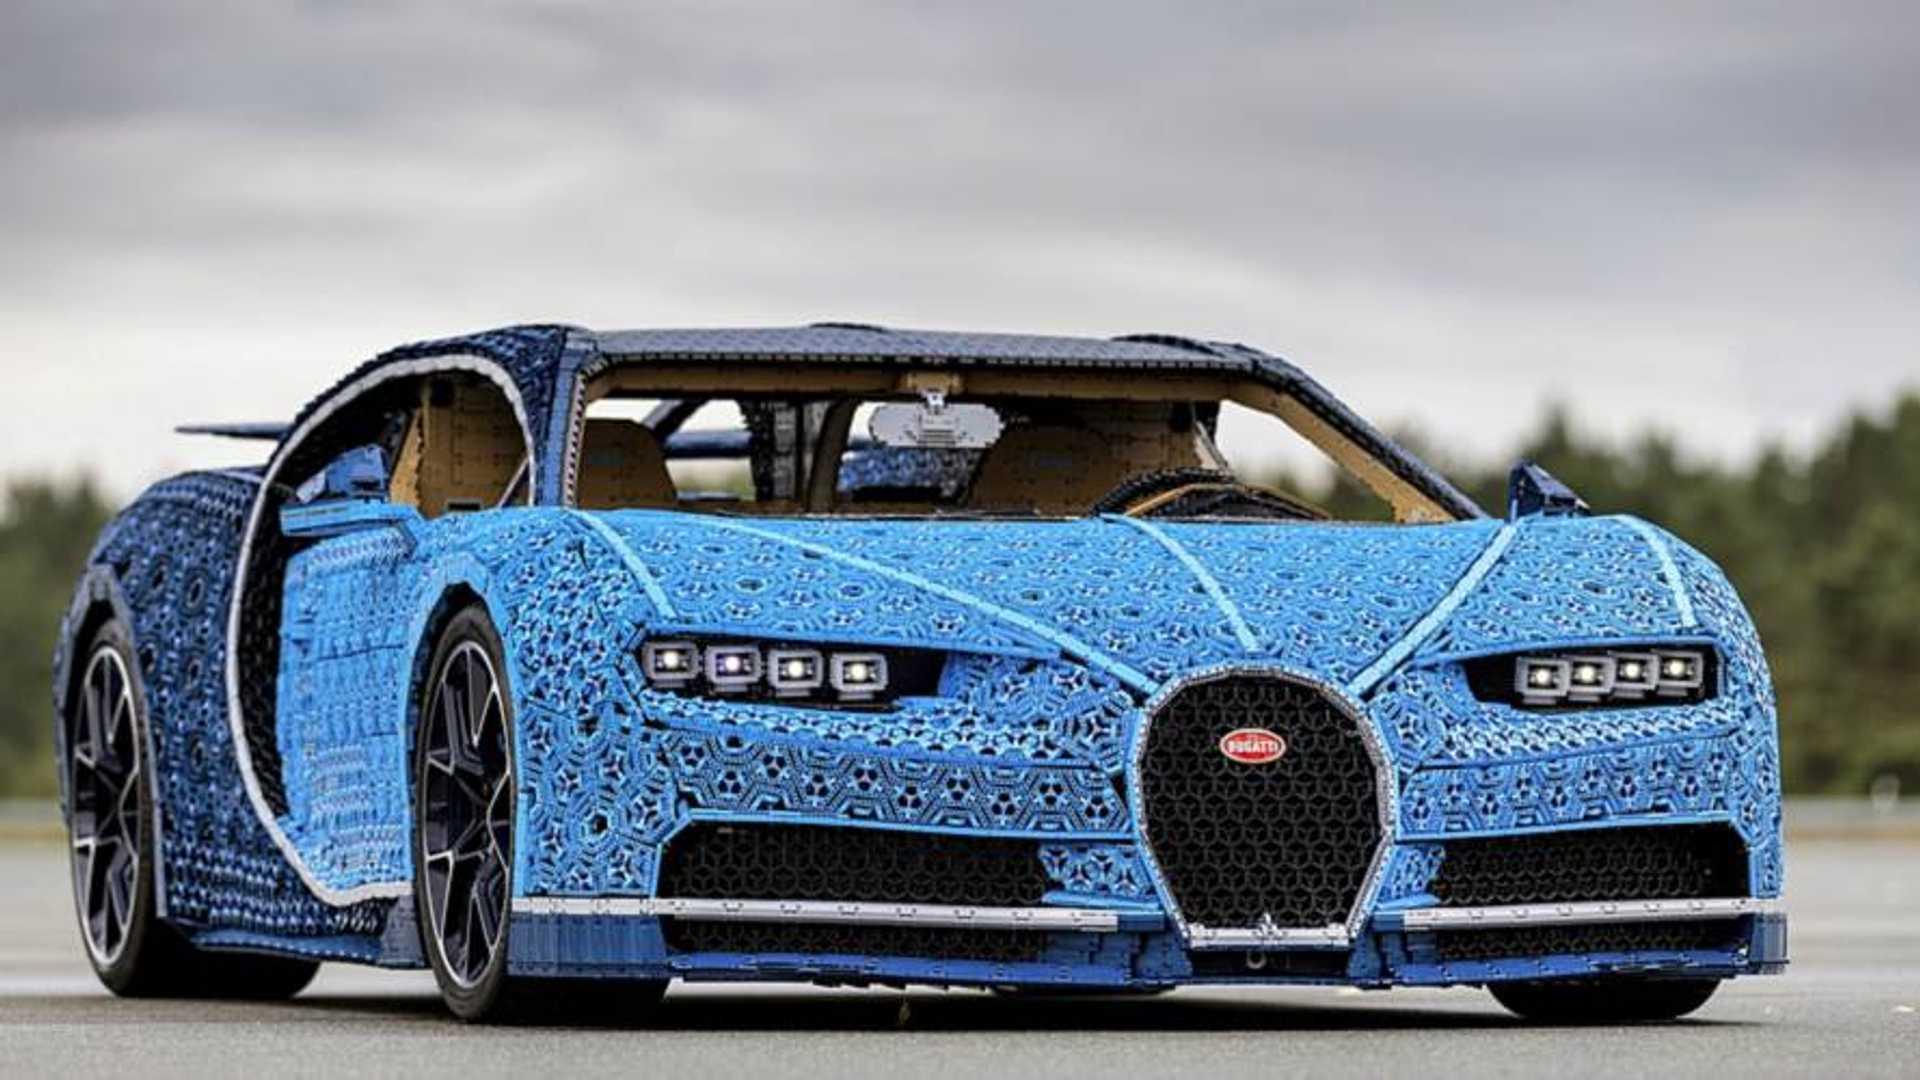 VIDÉO - Lego présente une Bugatti Chiron à l'échelle 1 et roulante !